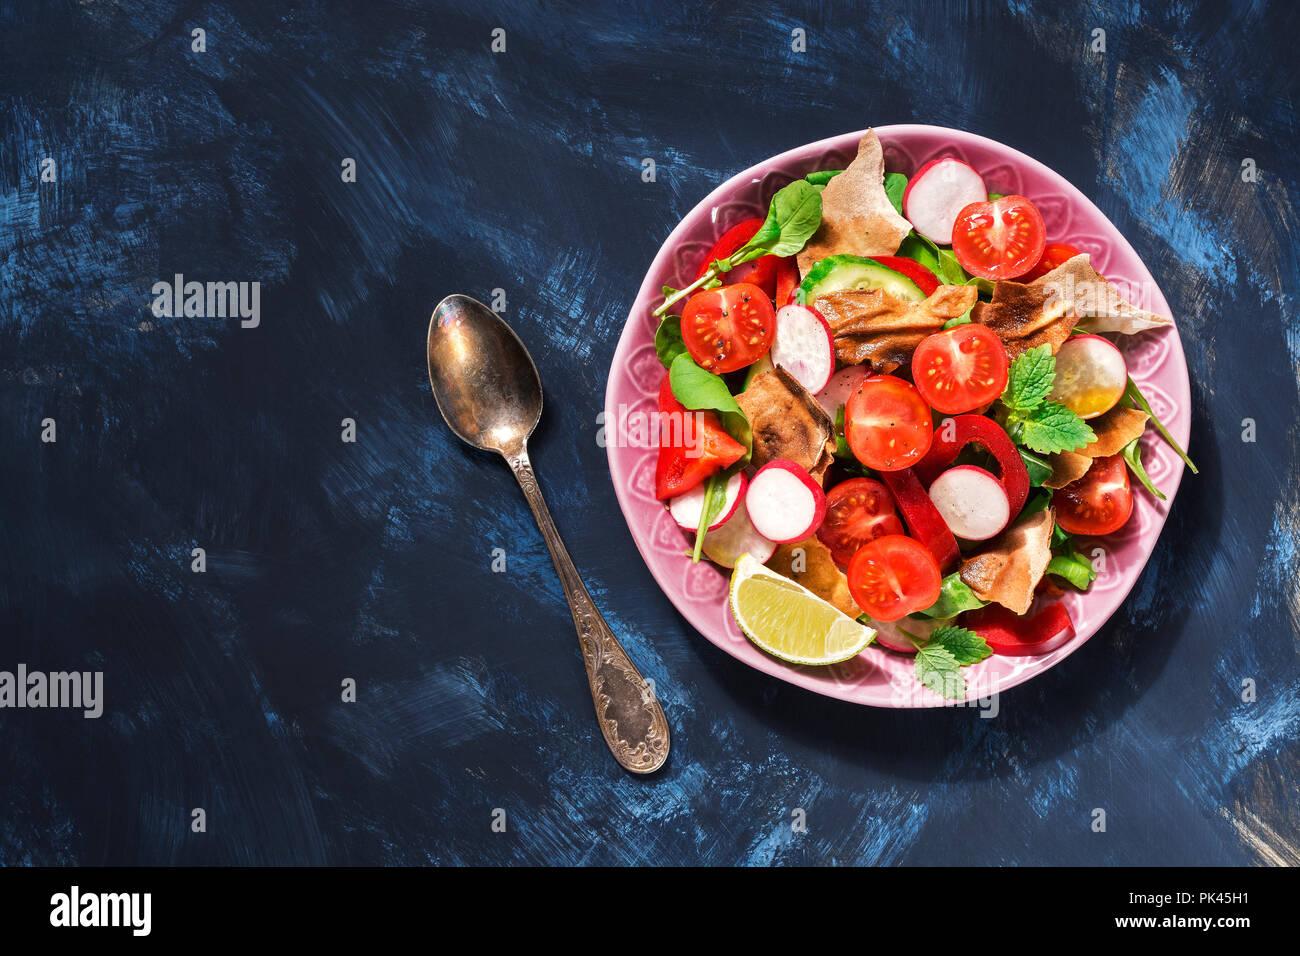 Arabisch Salat von frischem Gemüse mit Brot Fattoush auf blauem Hintergrund. Ansicht von oben, kopieren. Stockfoto